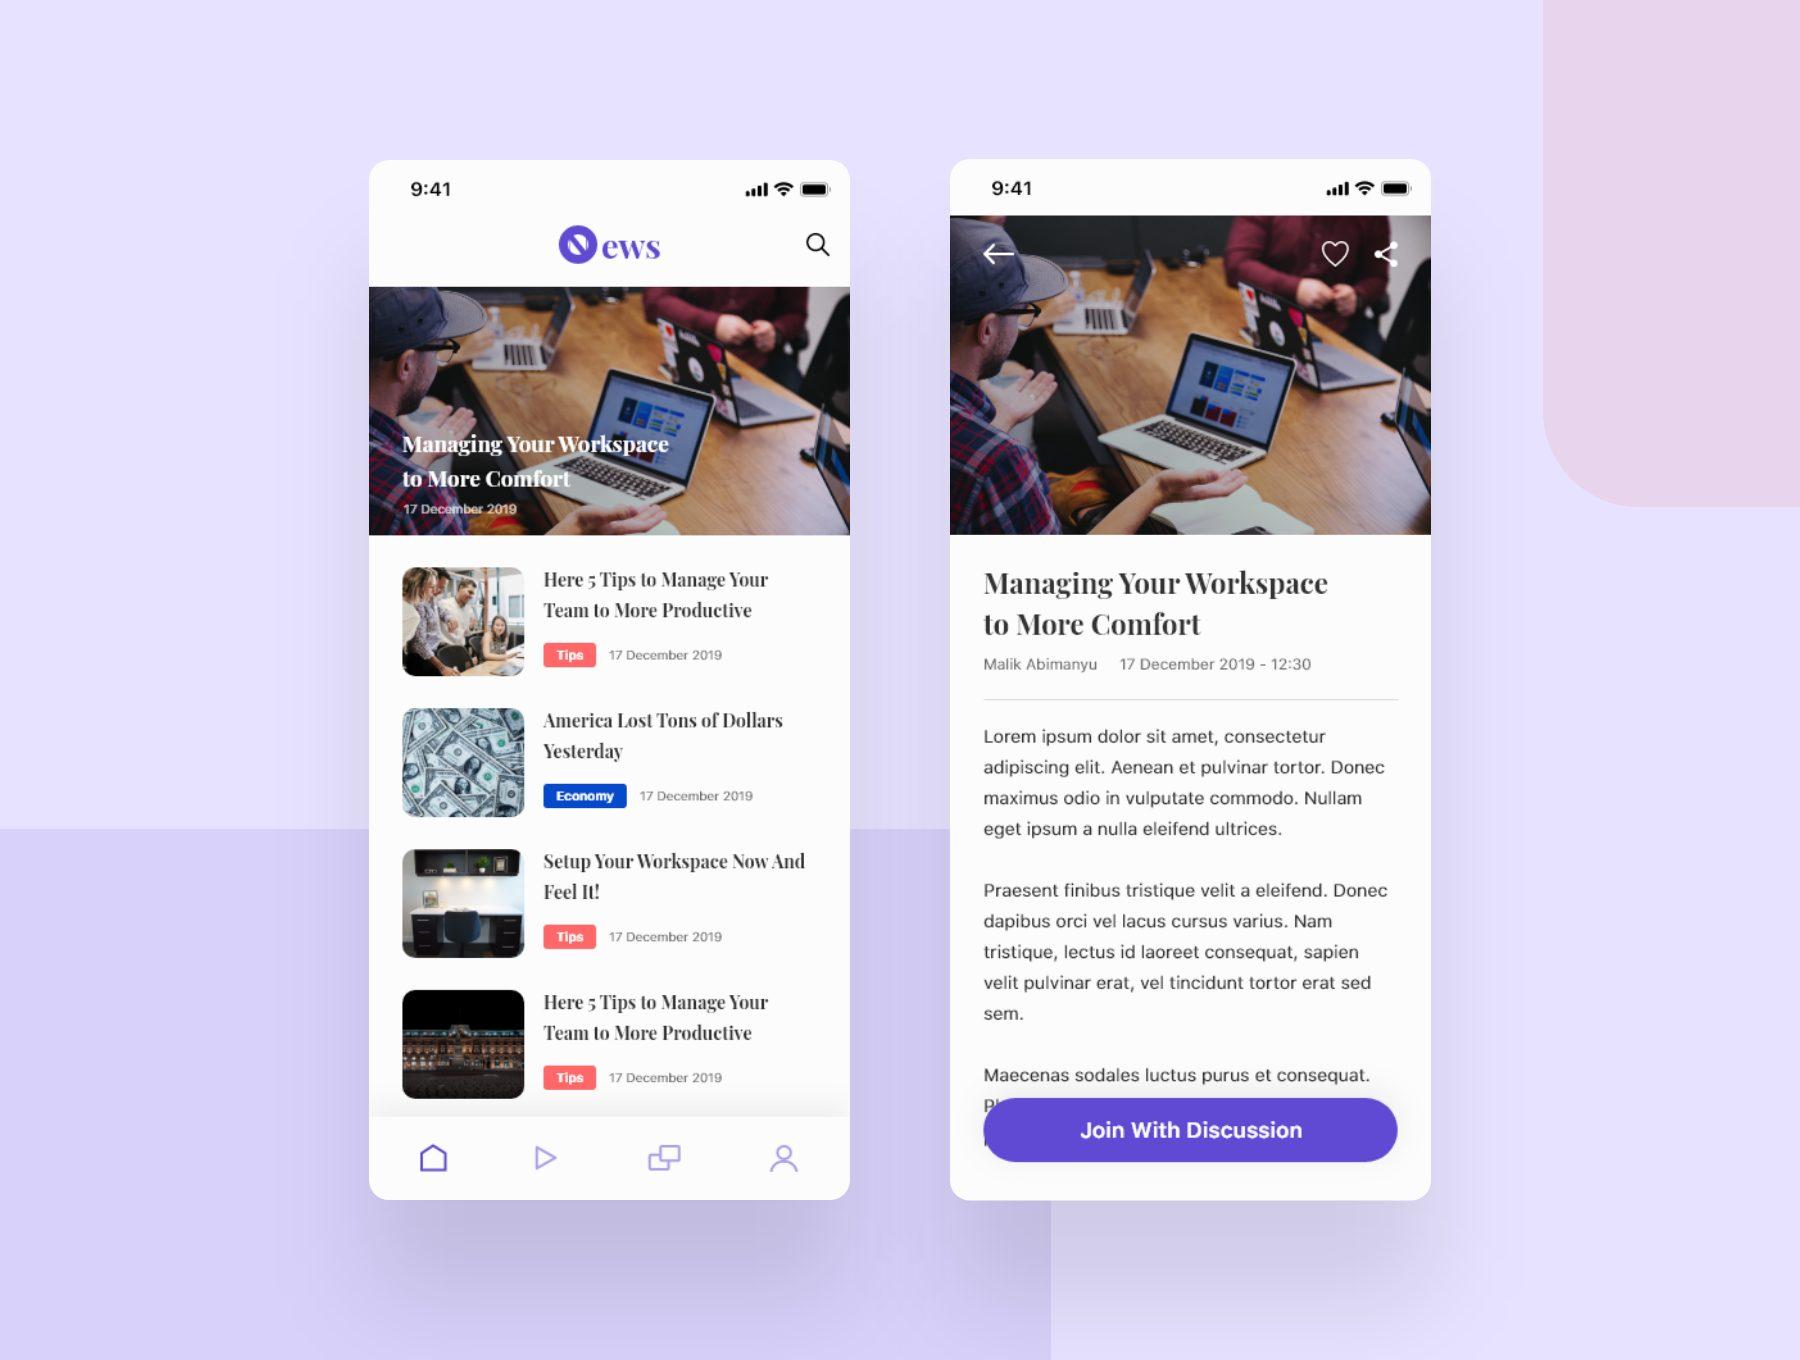 现代简约风新闻资讯阅读app设计iOS Ui套装下载[XD] Beritax News App UI Kit